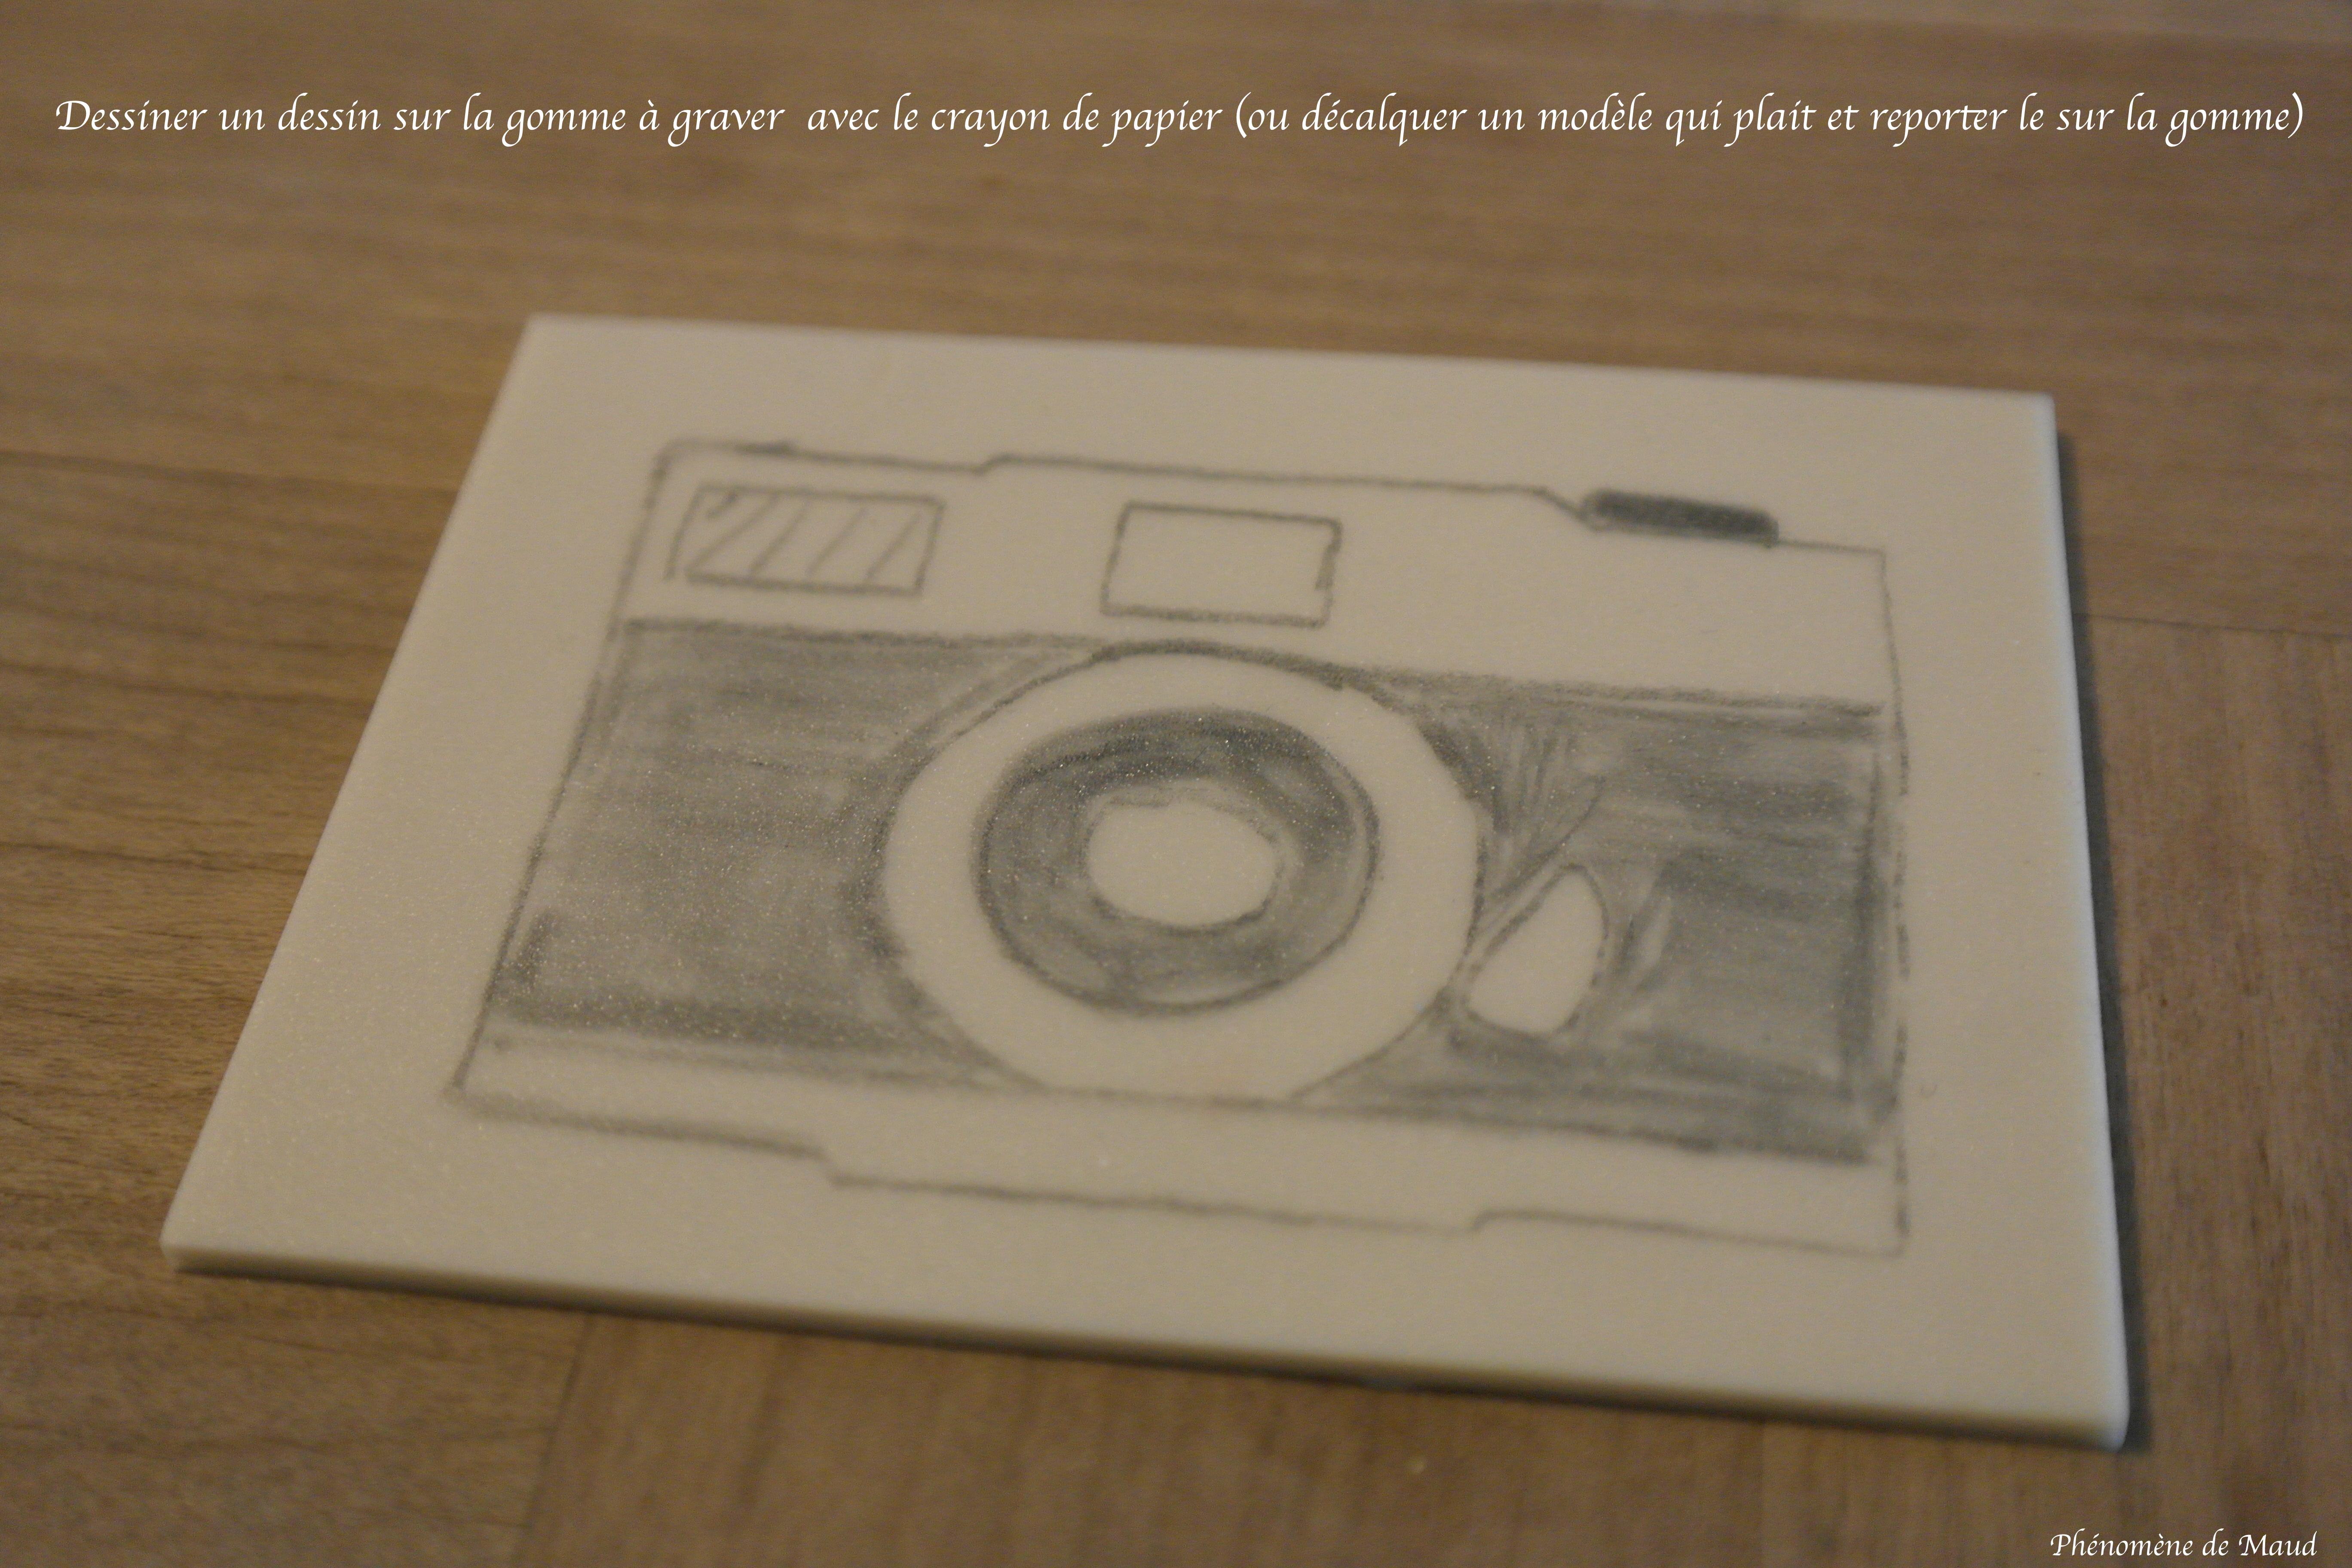 diy faire un tampon avec de la gomme graver ph nom ne de maud. Black Bedroom Furniture Sets. Home Design Ideas